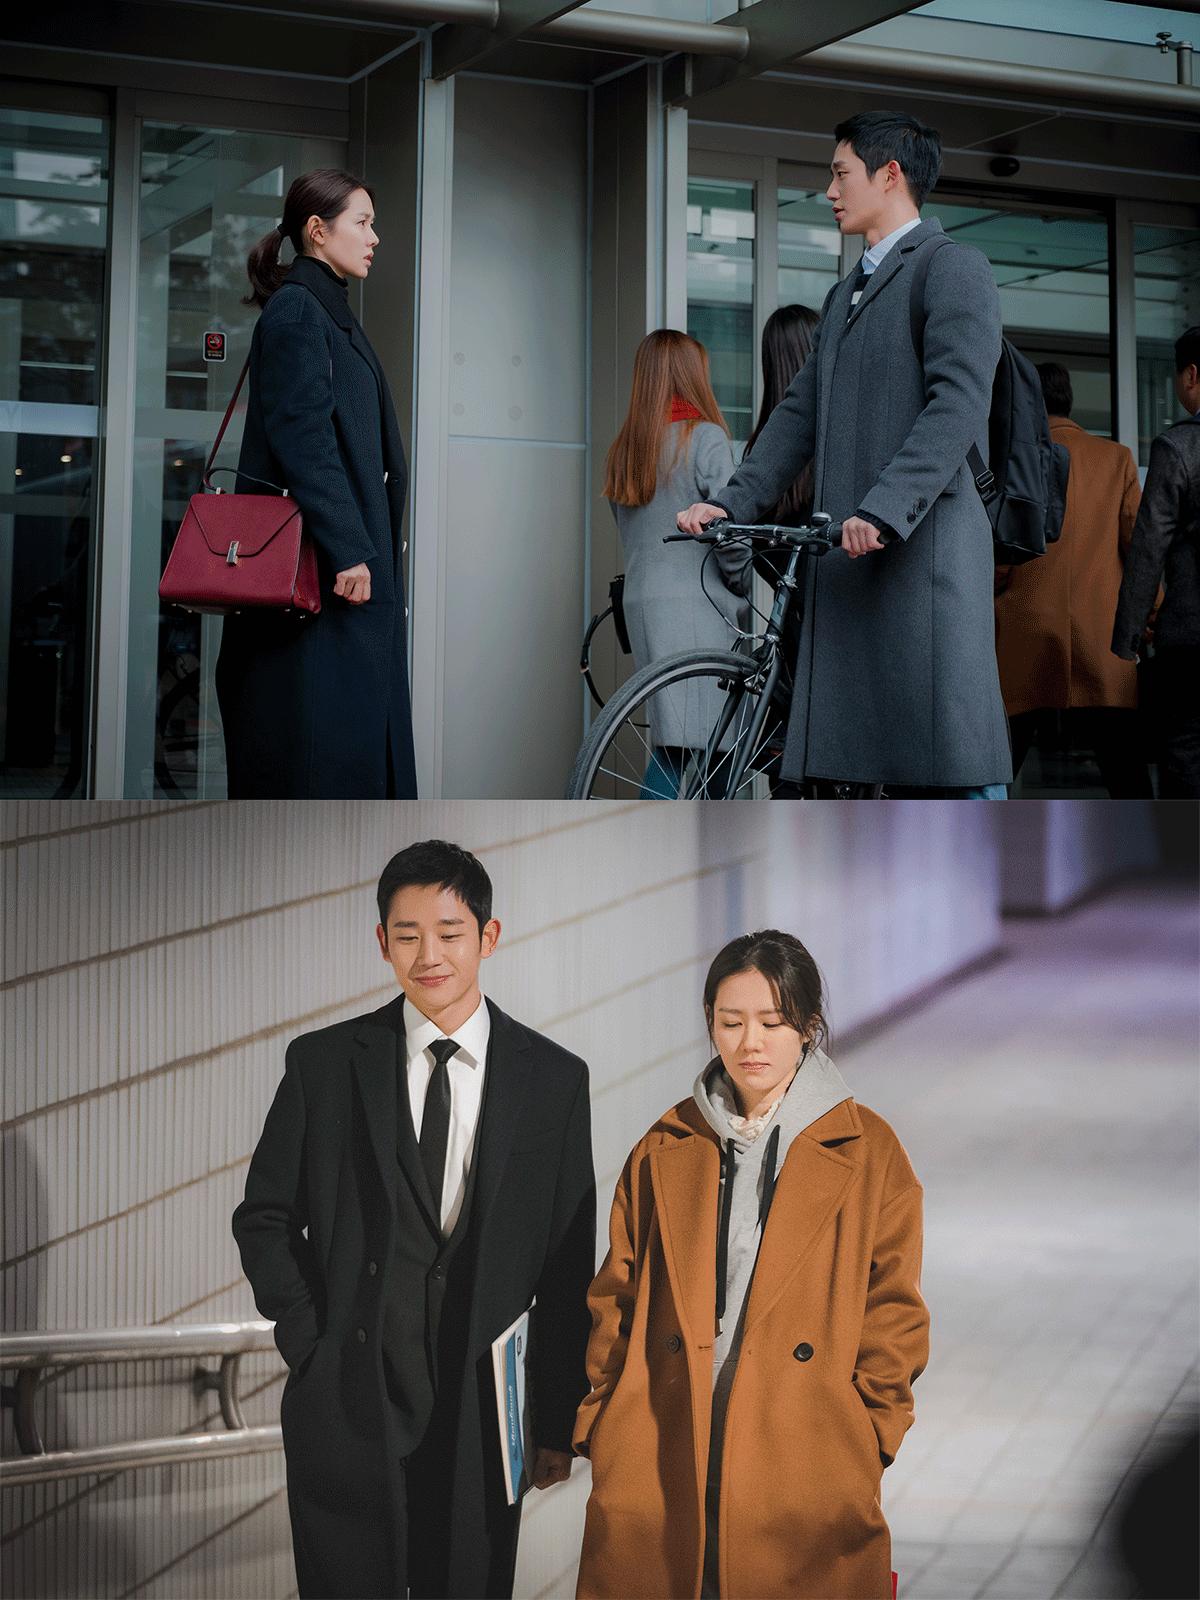 '밥 잘 사주는 예쁜 누나' 안판석 감독이 만든 특급 조합, 흥행 시너지 효과?